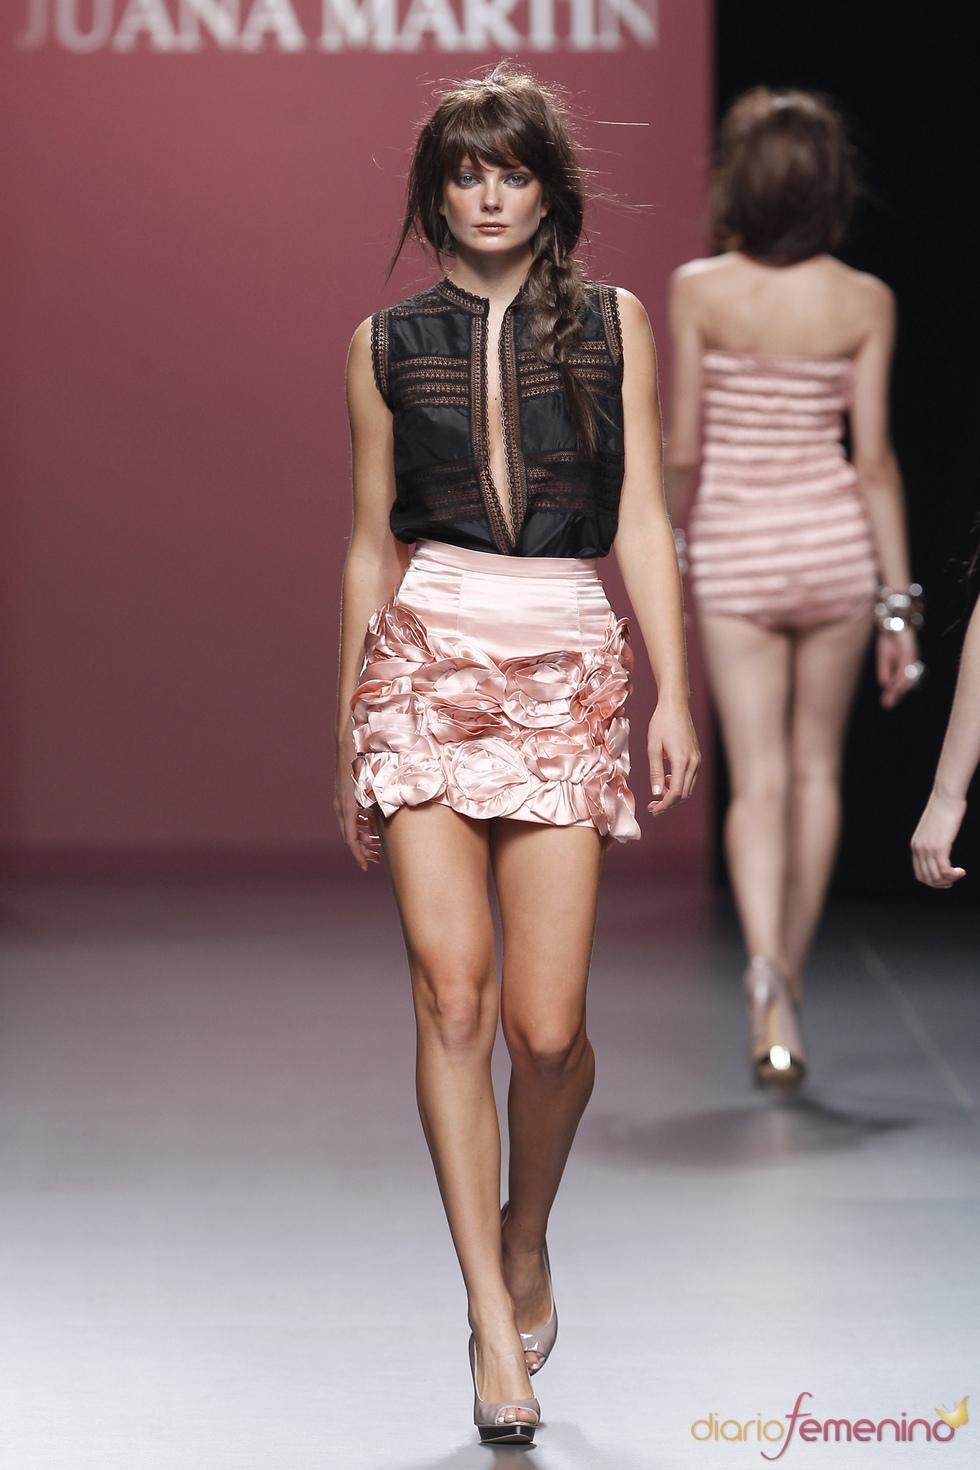 Blusa de encaje negro firmada por Juana Martín en la Madrid Fashion Week